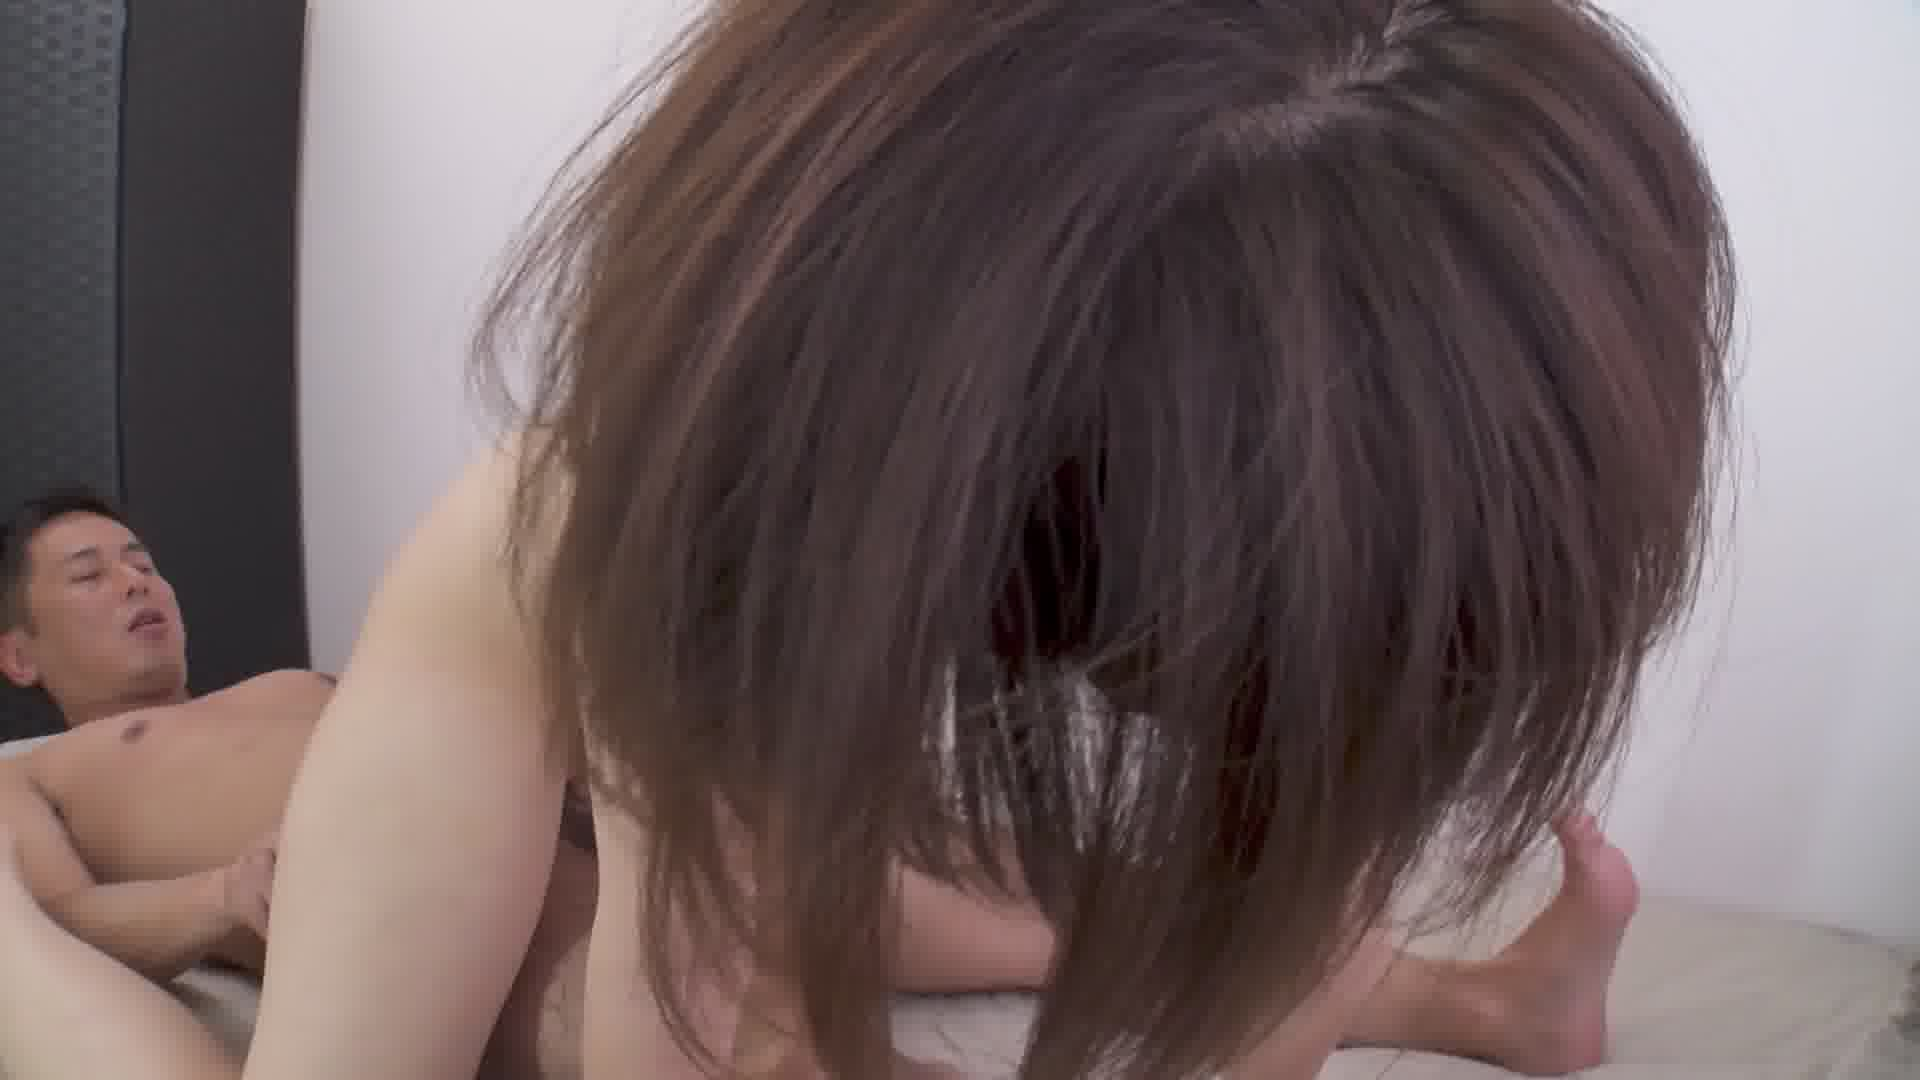 いつもと違うHで超敏感になった彼女 - 桜瀬奈【バイブ・美乳・中出し】